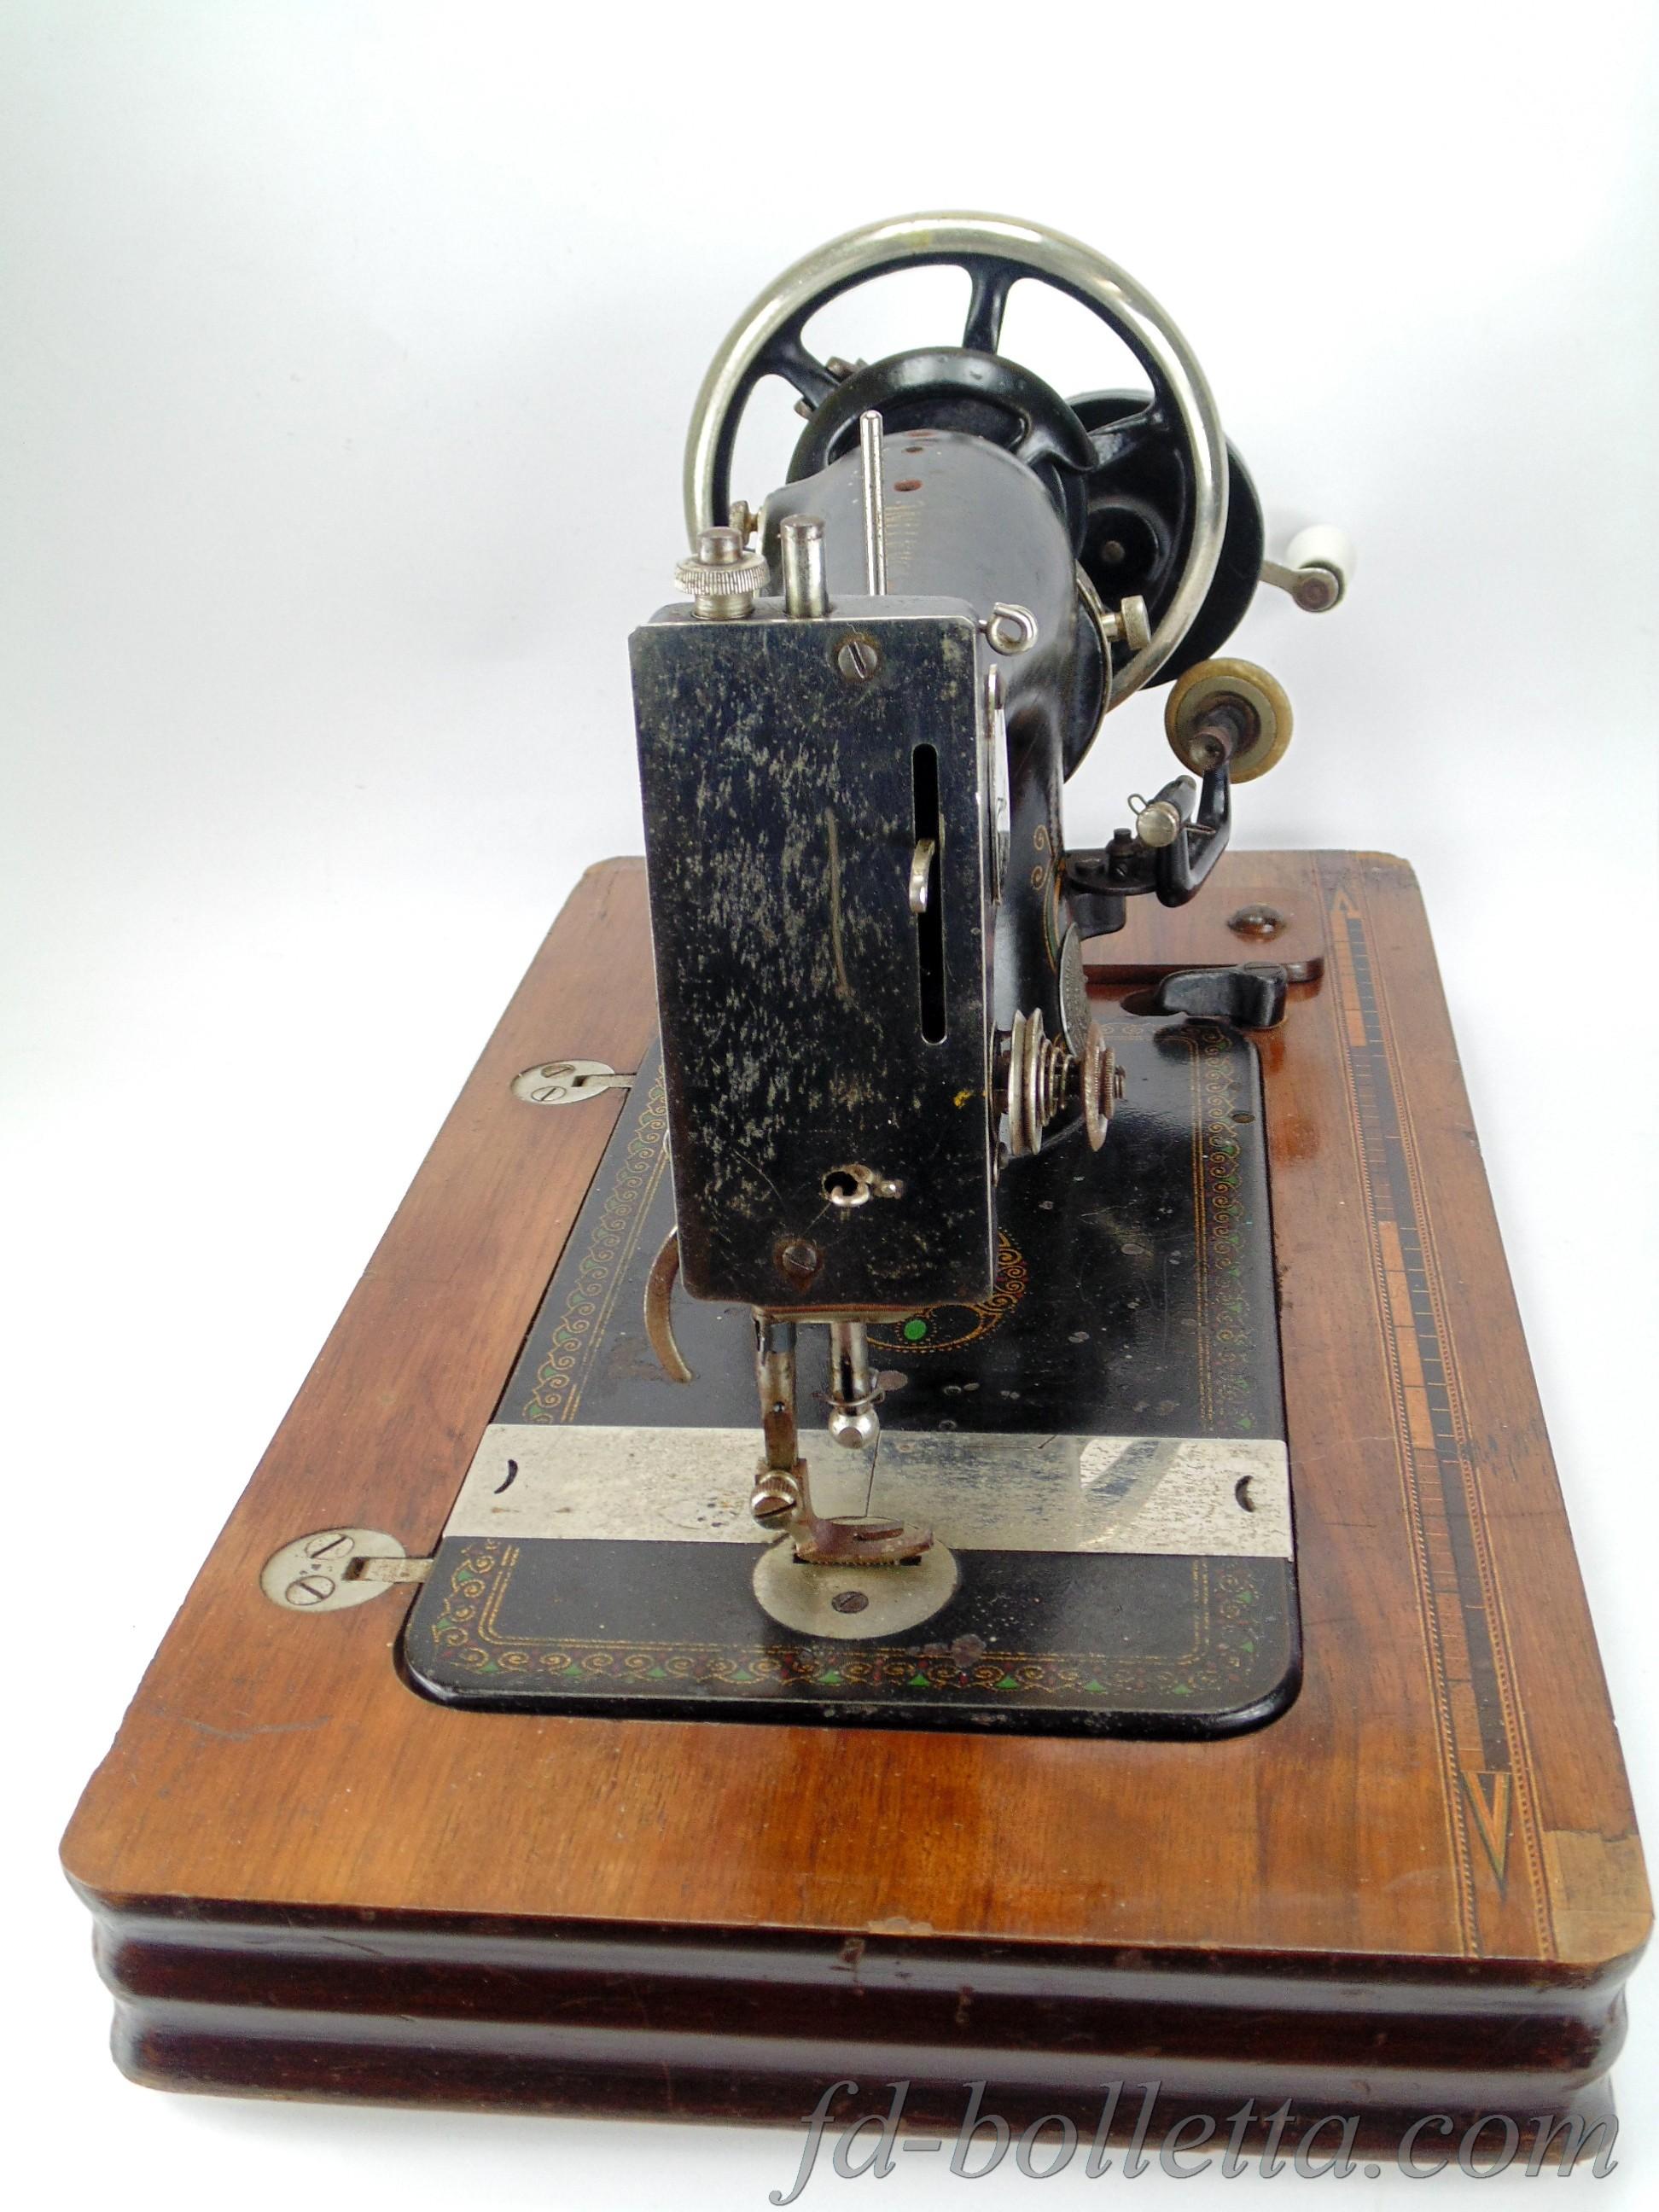 Antica macchina da cucire haid neu a643 fd bolletta for Base per macchina da cucire